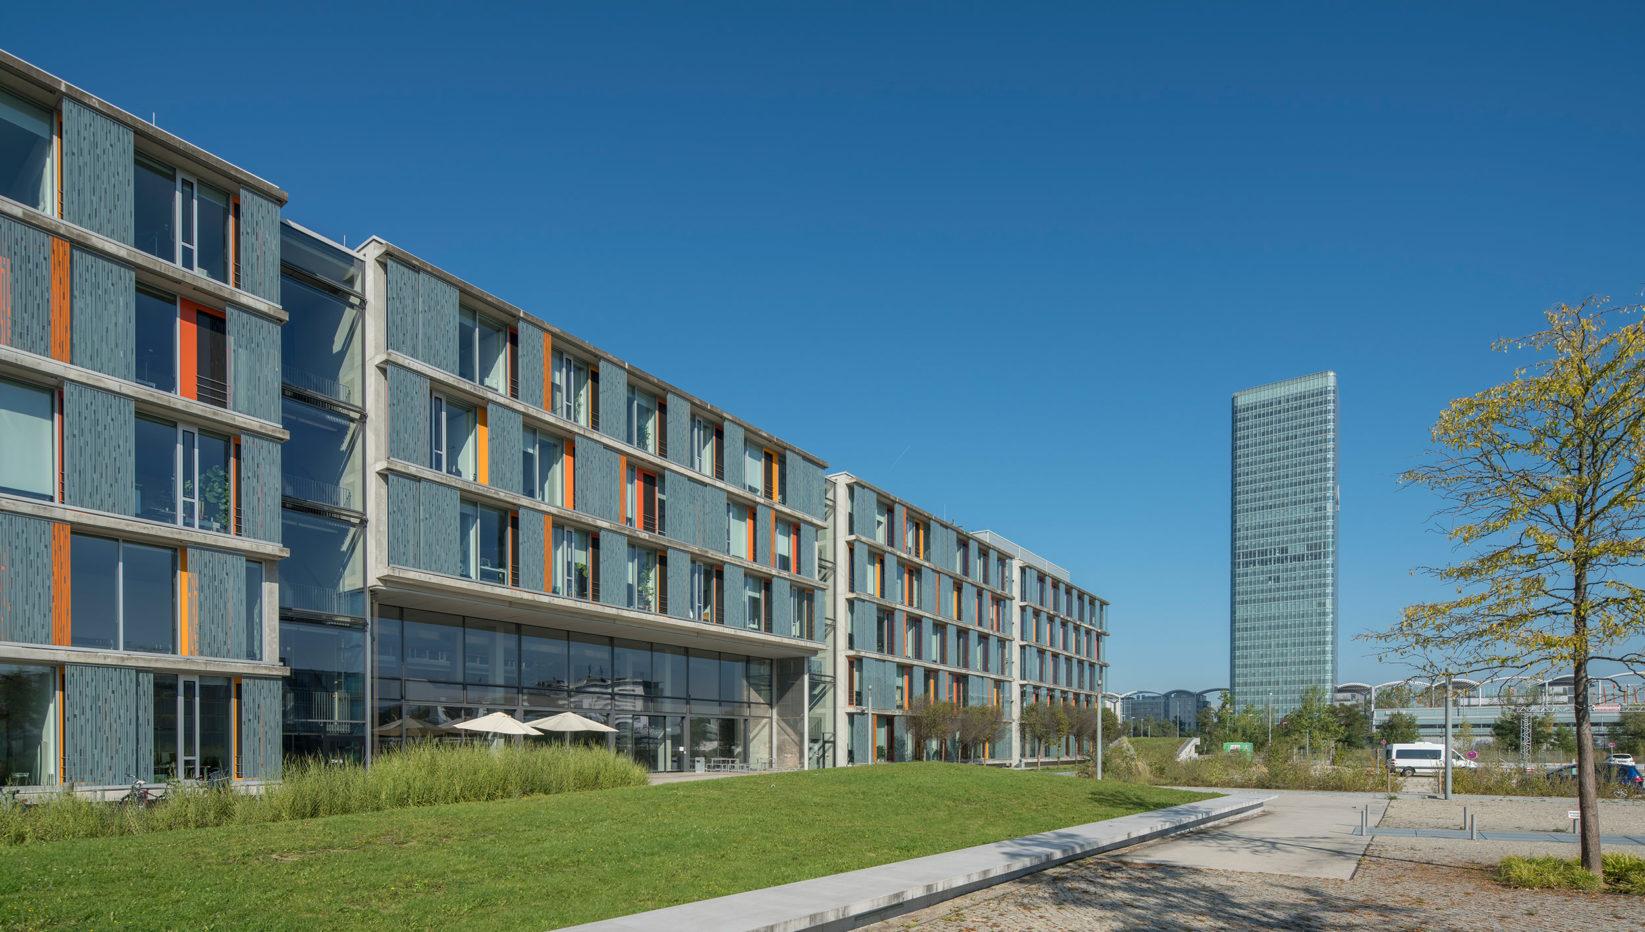 Die Südwestansicht bietet Blick auf das Forschungszentrum nach Fertigstellung der Rohbauarbeiten im steilen Fluchtwinkel. Rechts dahinter der O2 Tower von München.